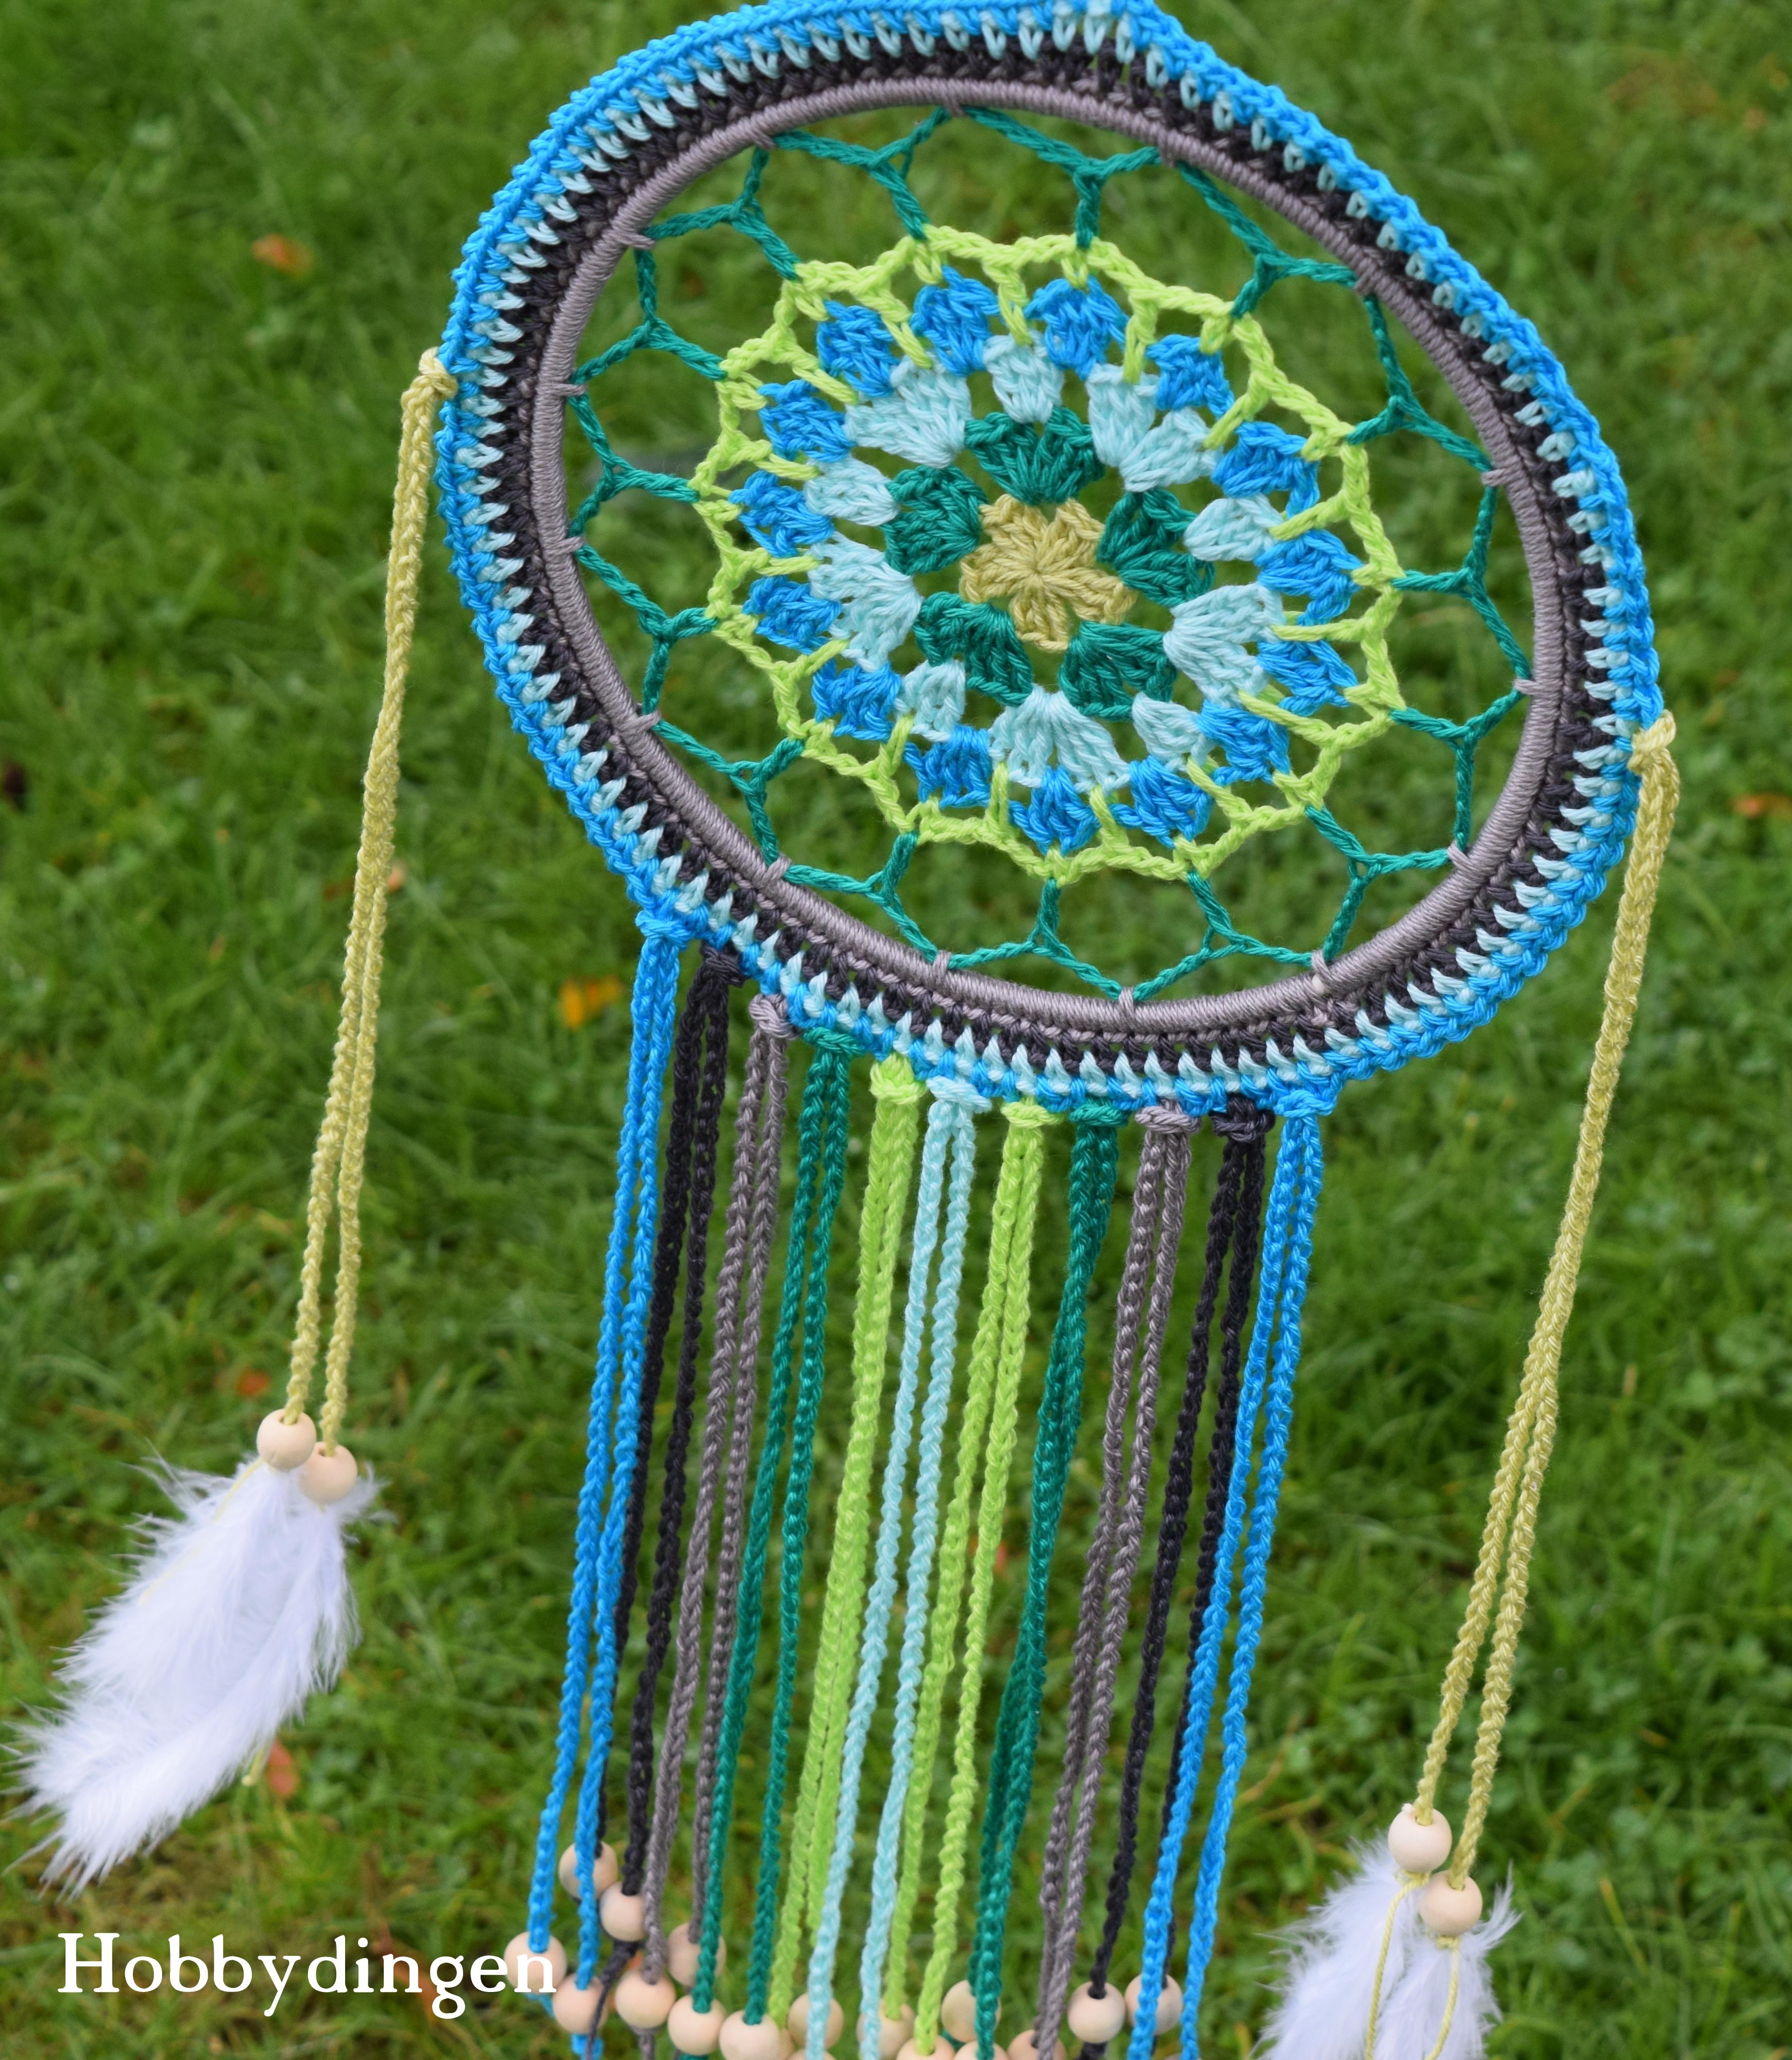 Hobbydingen.com - Blue and Green Dreamcatcher